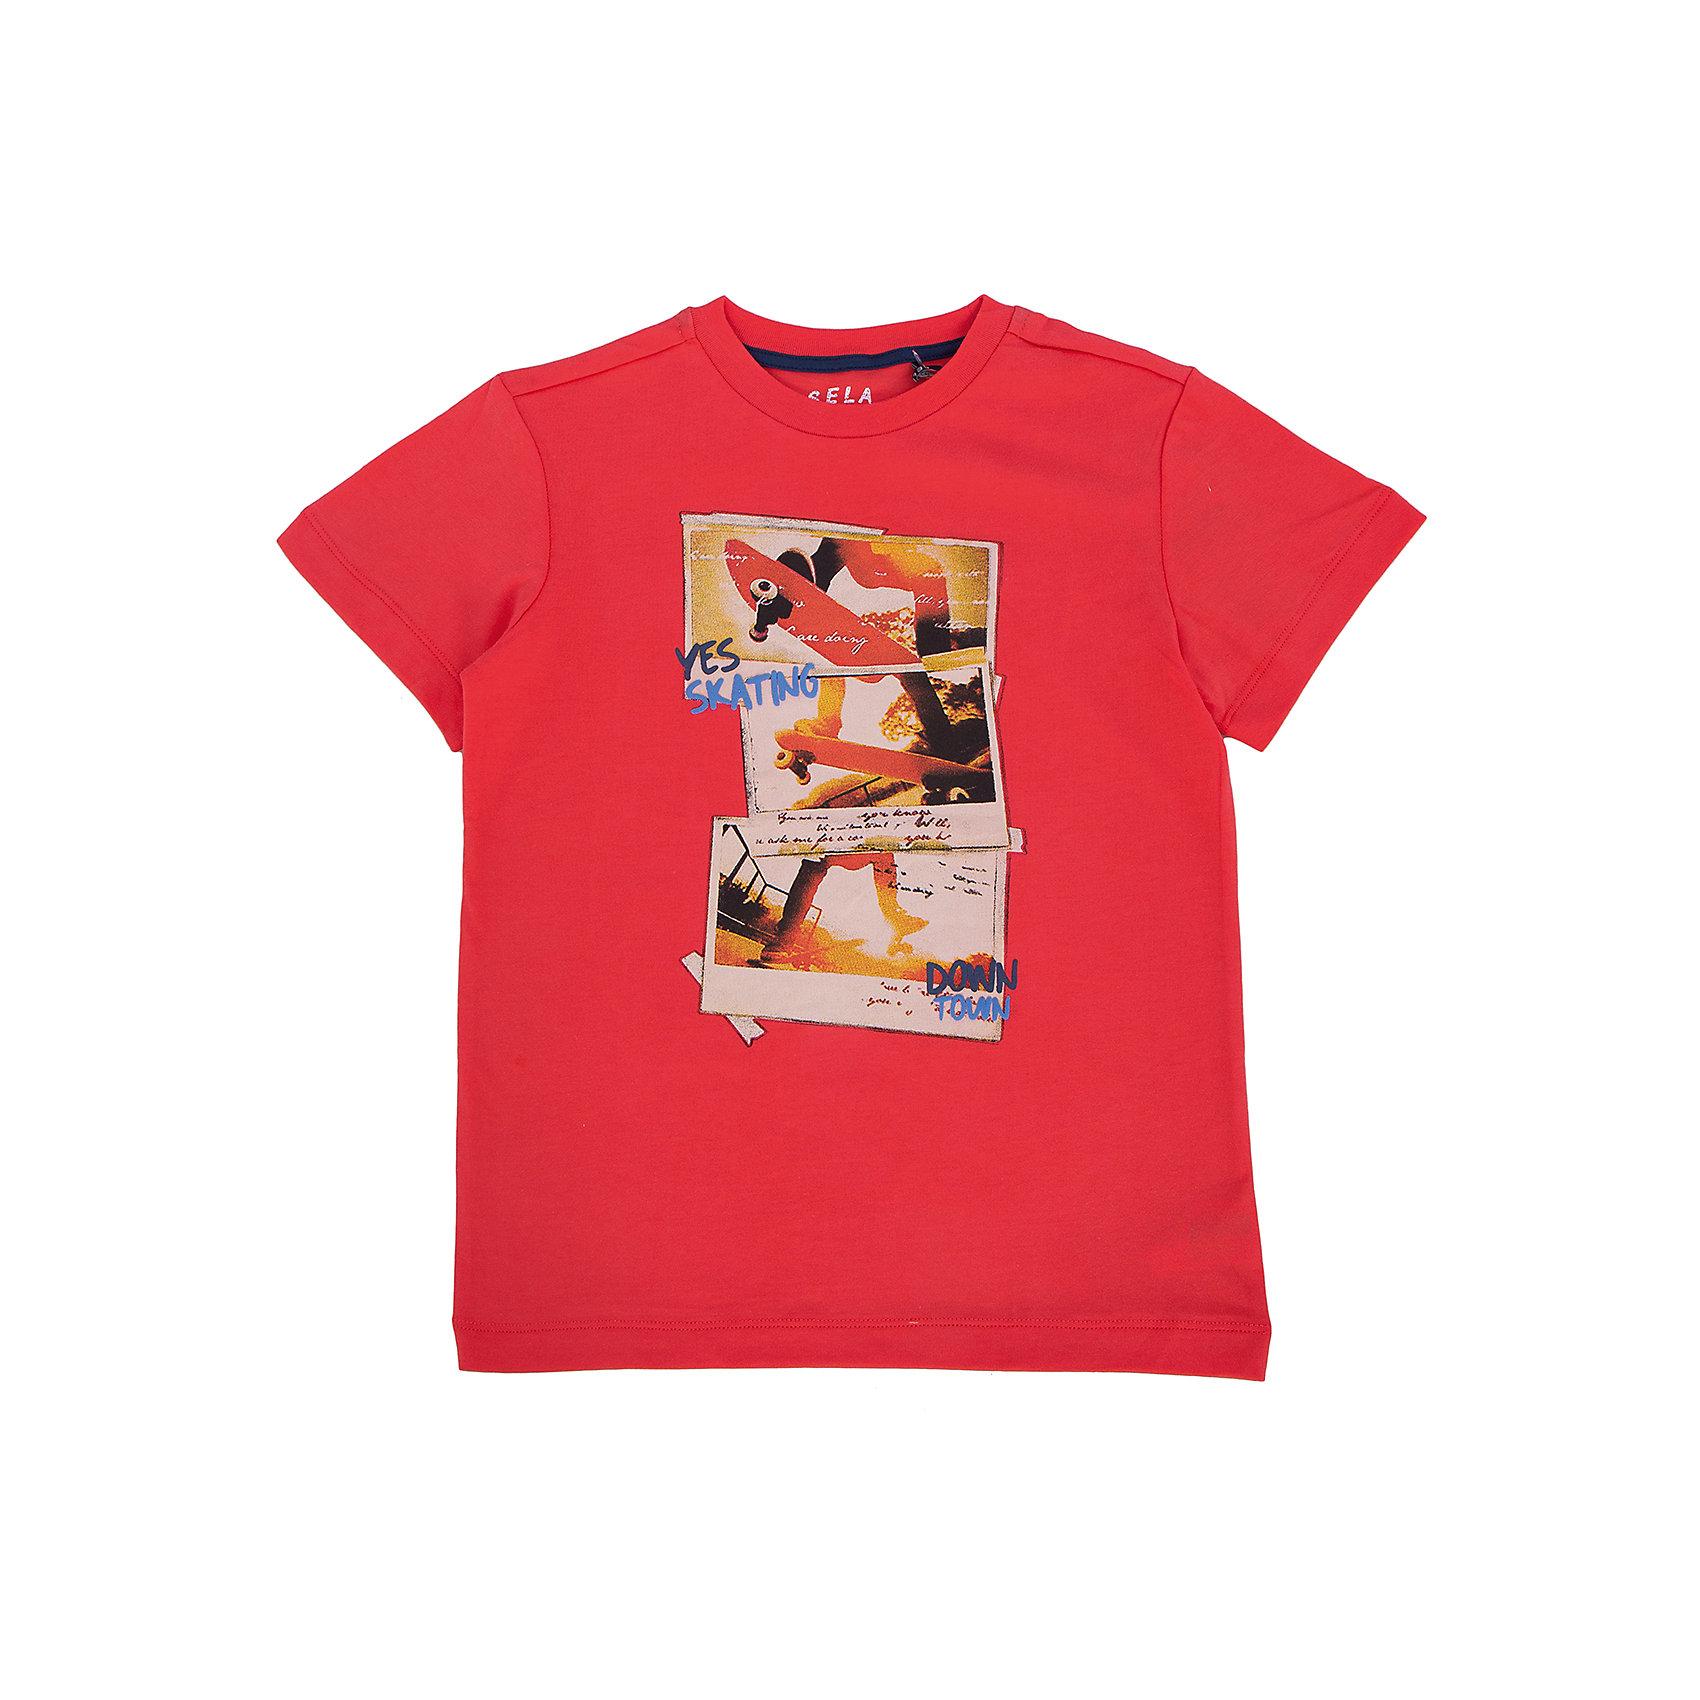 Футболка для мальчика SELAУдобная стильная футболка от известной марки SELА поможет разнообразить летний гардероб мальчика, создать легкий подходящий погоде ансамбль. Удобный крой и качественный материал обеспечат ребенку комфорт при ношении этой вещи. <br>На горловине изделия - мягкая окантовка. Материал - натуральный хлопок, дышащий и гипоаллергенный. Футболка декорирована модным принтом.<br><br>Дополнительная информация:<br><br>материал: 100% хлопок;<br>цвет: красный;<br>декорирована принтом;<br>короткие рукава;<br>круглый горловой вырез;<br>уход за изделием: стирка в машине при температуре до 30°С, не отбеливать, гладить при низкой температуре.<br><br>Футболку от бренда SELА (Села) можно купить в нашем магазине.<br><br>Ширина мм: 230<br>Глубина мм: 40<br>Высота мм: 220<br>Вес г: 250<br>Цвет: красный<br>Возраст от месяцев: 132<br>Возраст до месяцев: 144<br>Пол: Мужской<br>Возраст: Детский<br>Размер: 152,116,122,128,134,140,146<br>SKU: 4741271